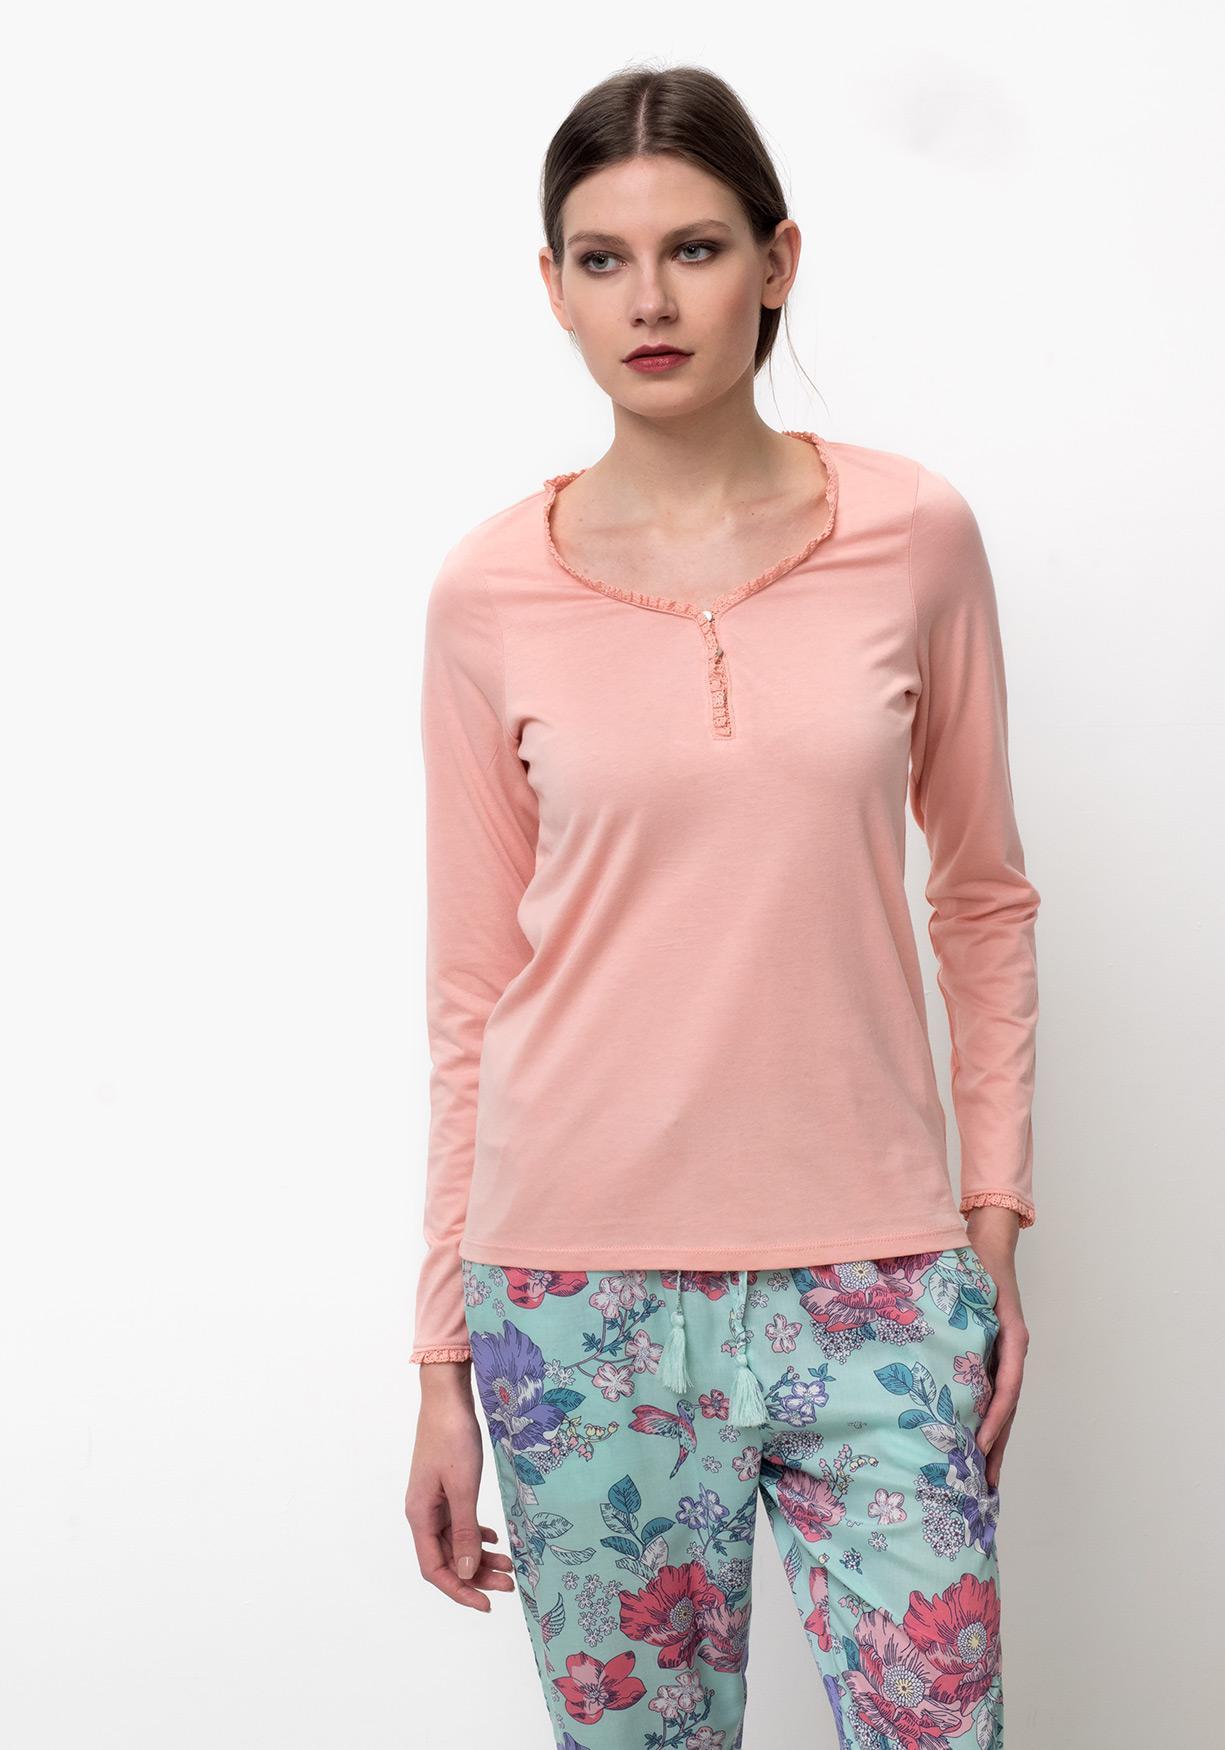 Comprar Camiseta lencería mujer manga larga con escote TEX ... 0def6c4a128d